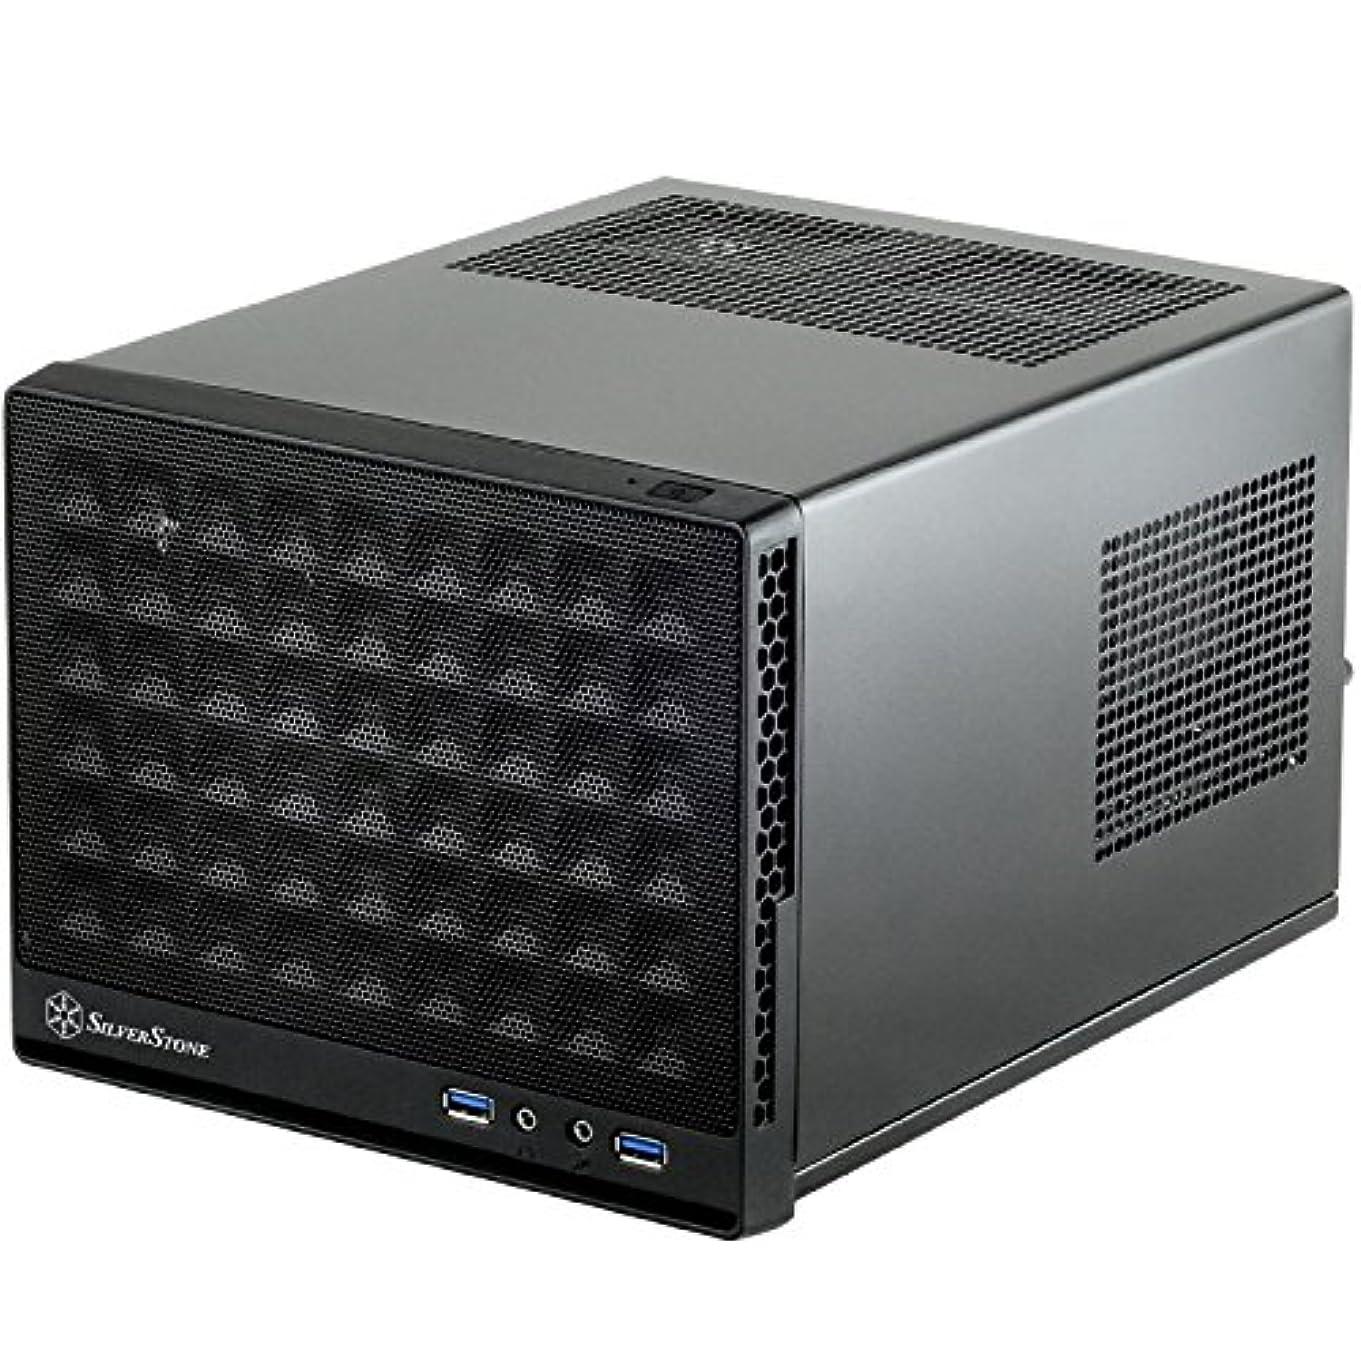 華氏テーブルを設定する不調和Silverstone Tek Mini-DTX, Mini-ITX Small Form Factor Computer Case with Mesh Front Panel Cases SG13B [並行輸入品]